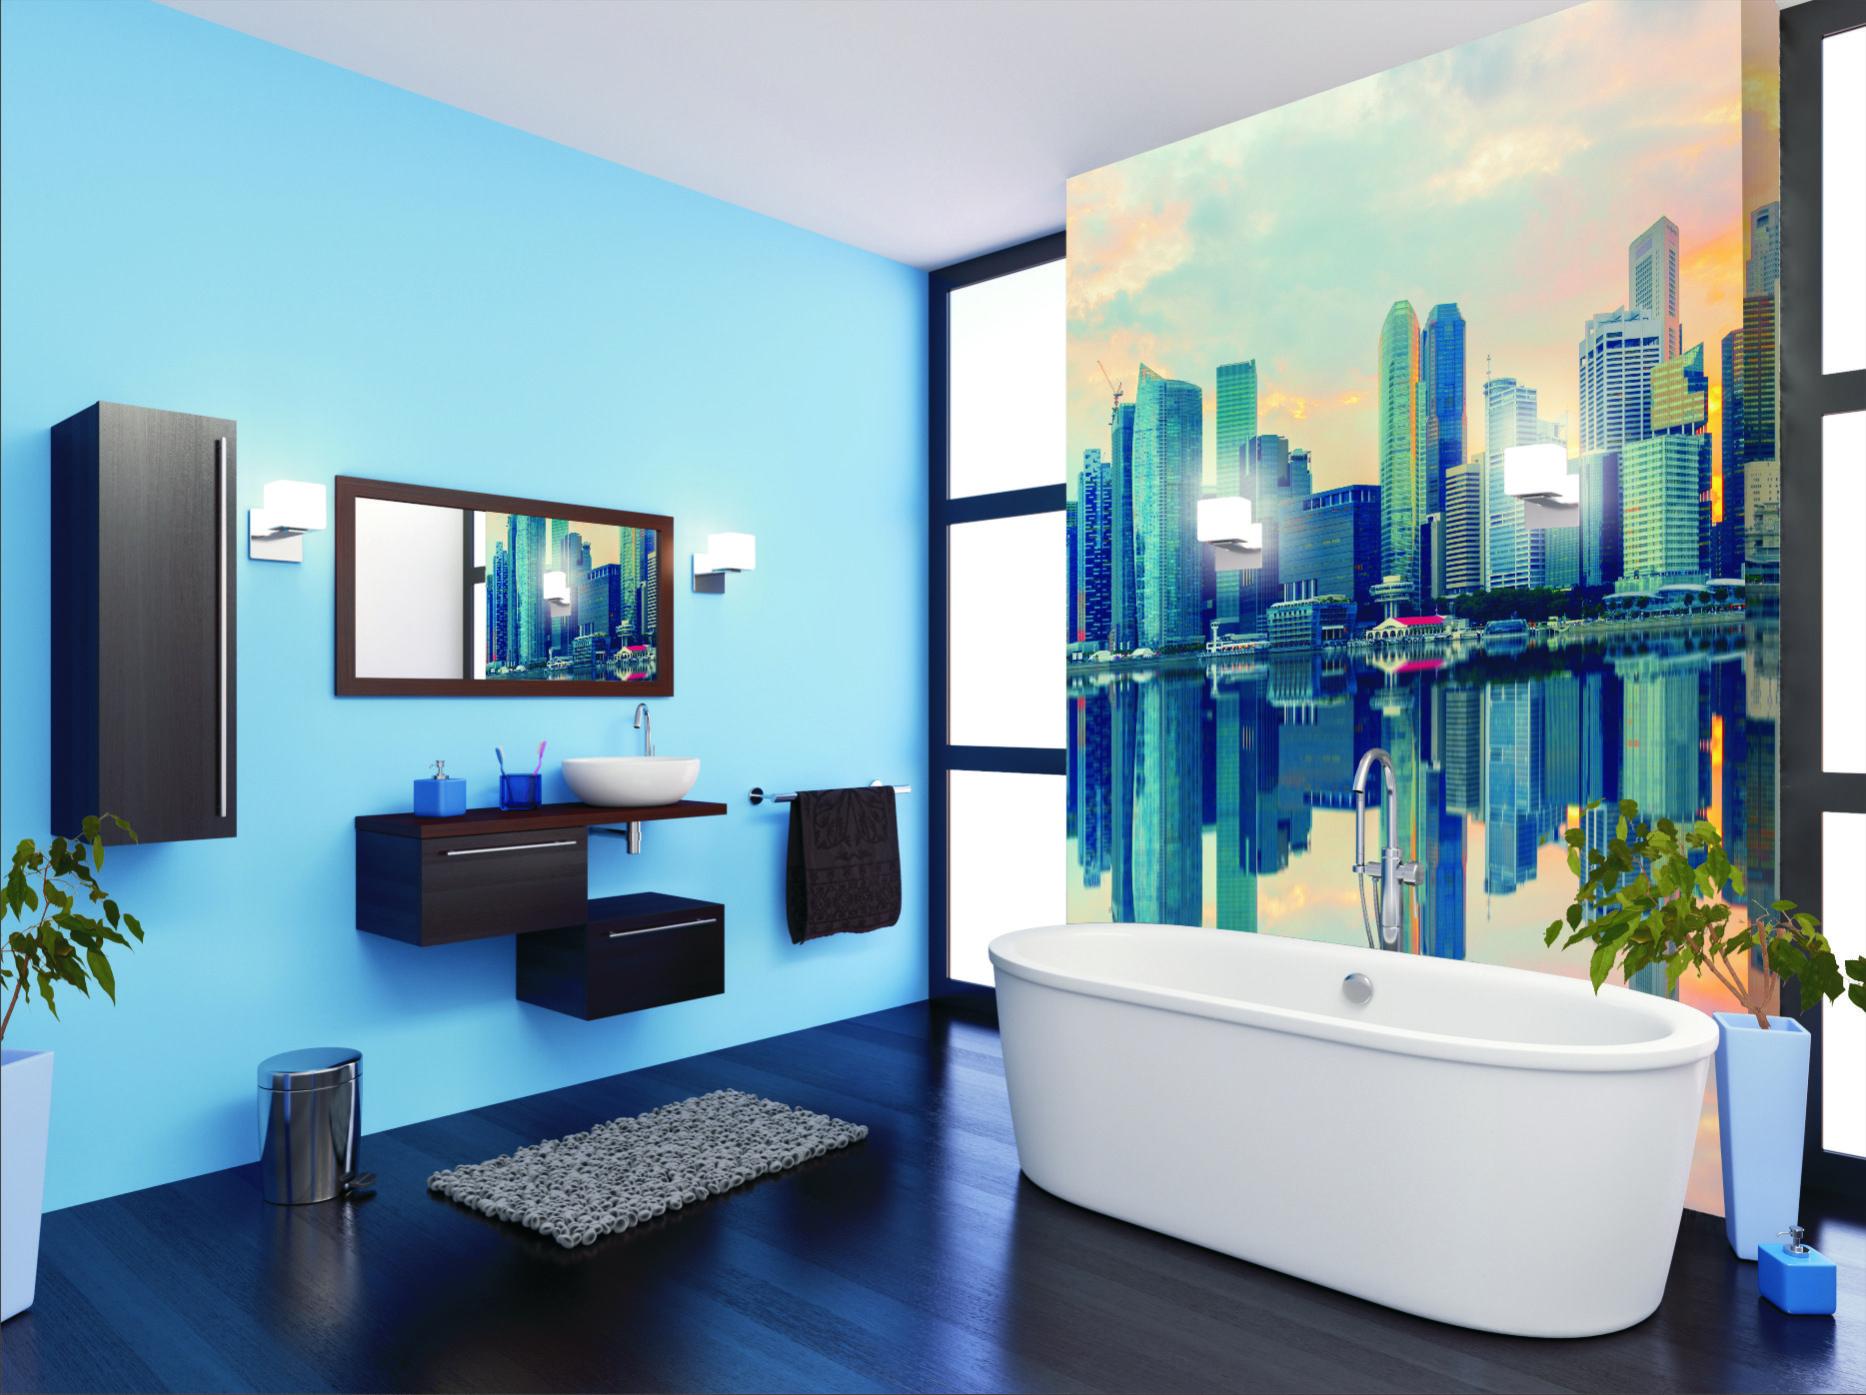 Fototapeta W łazience Fototapety Obraz Obrazy Fototapeta